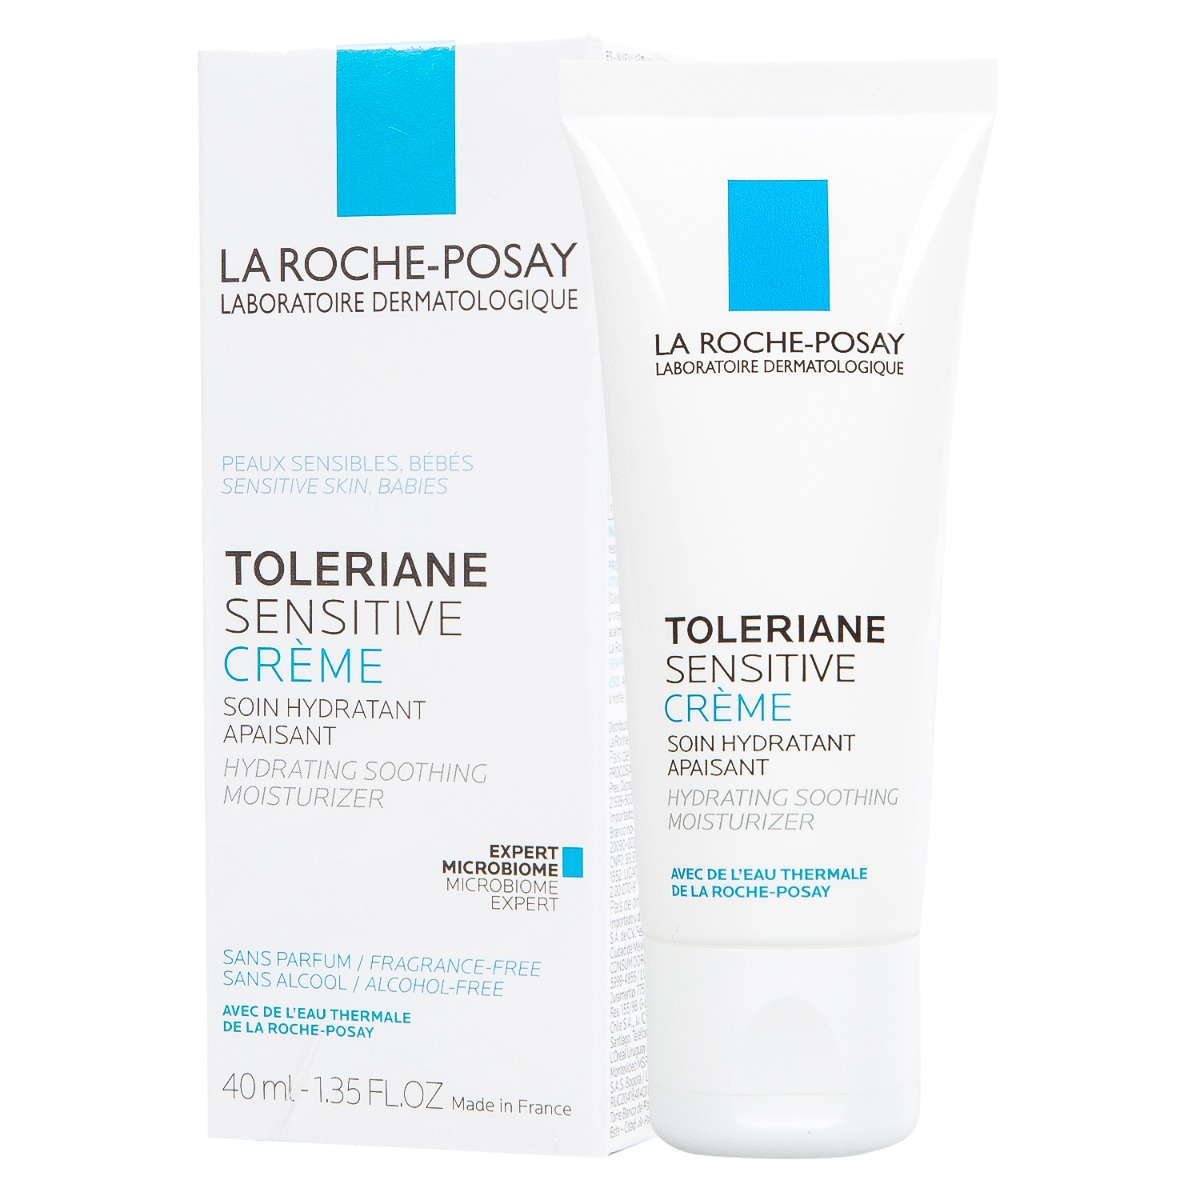 Kem Dưỡng Làm Dịu Và Bảo Vệ Da Quá Nhạy Cảm La Roche-Posay Toleriane Skincare (40ml)